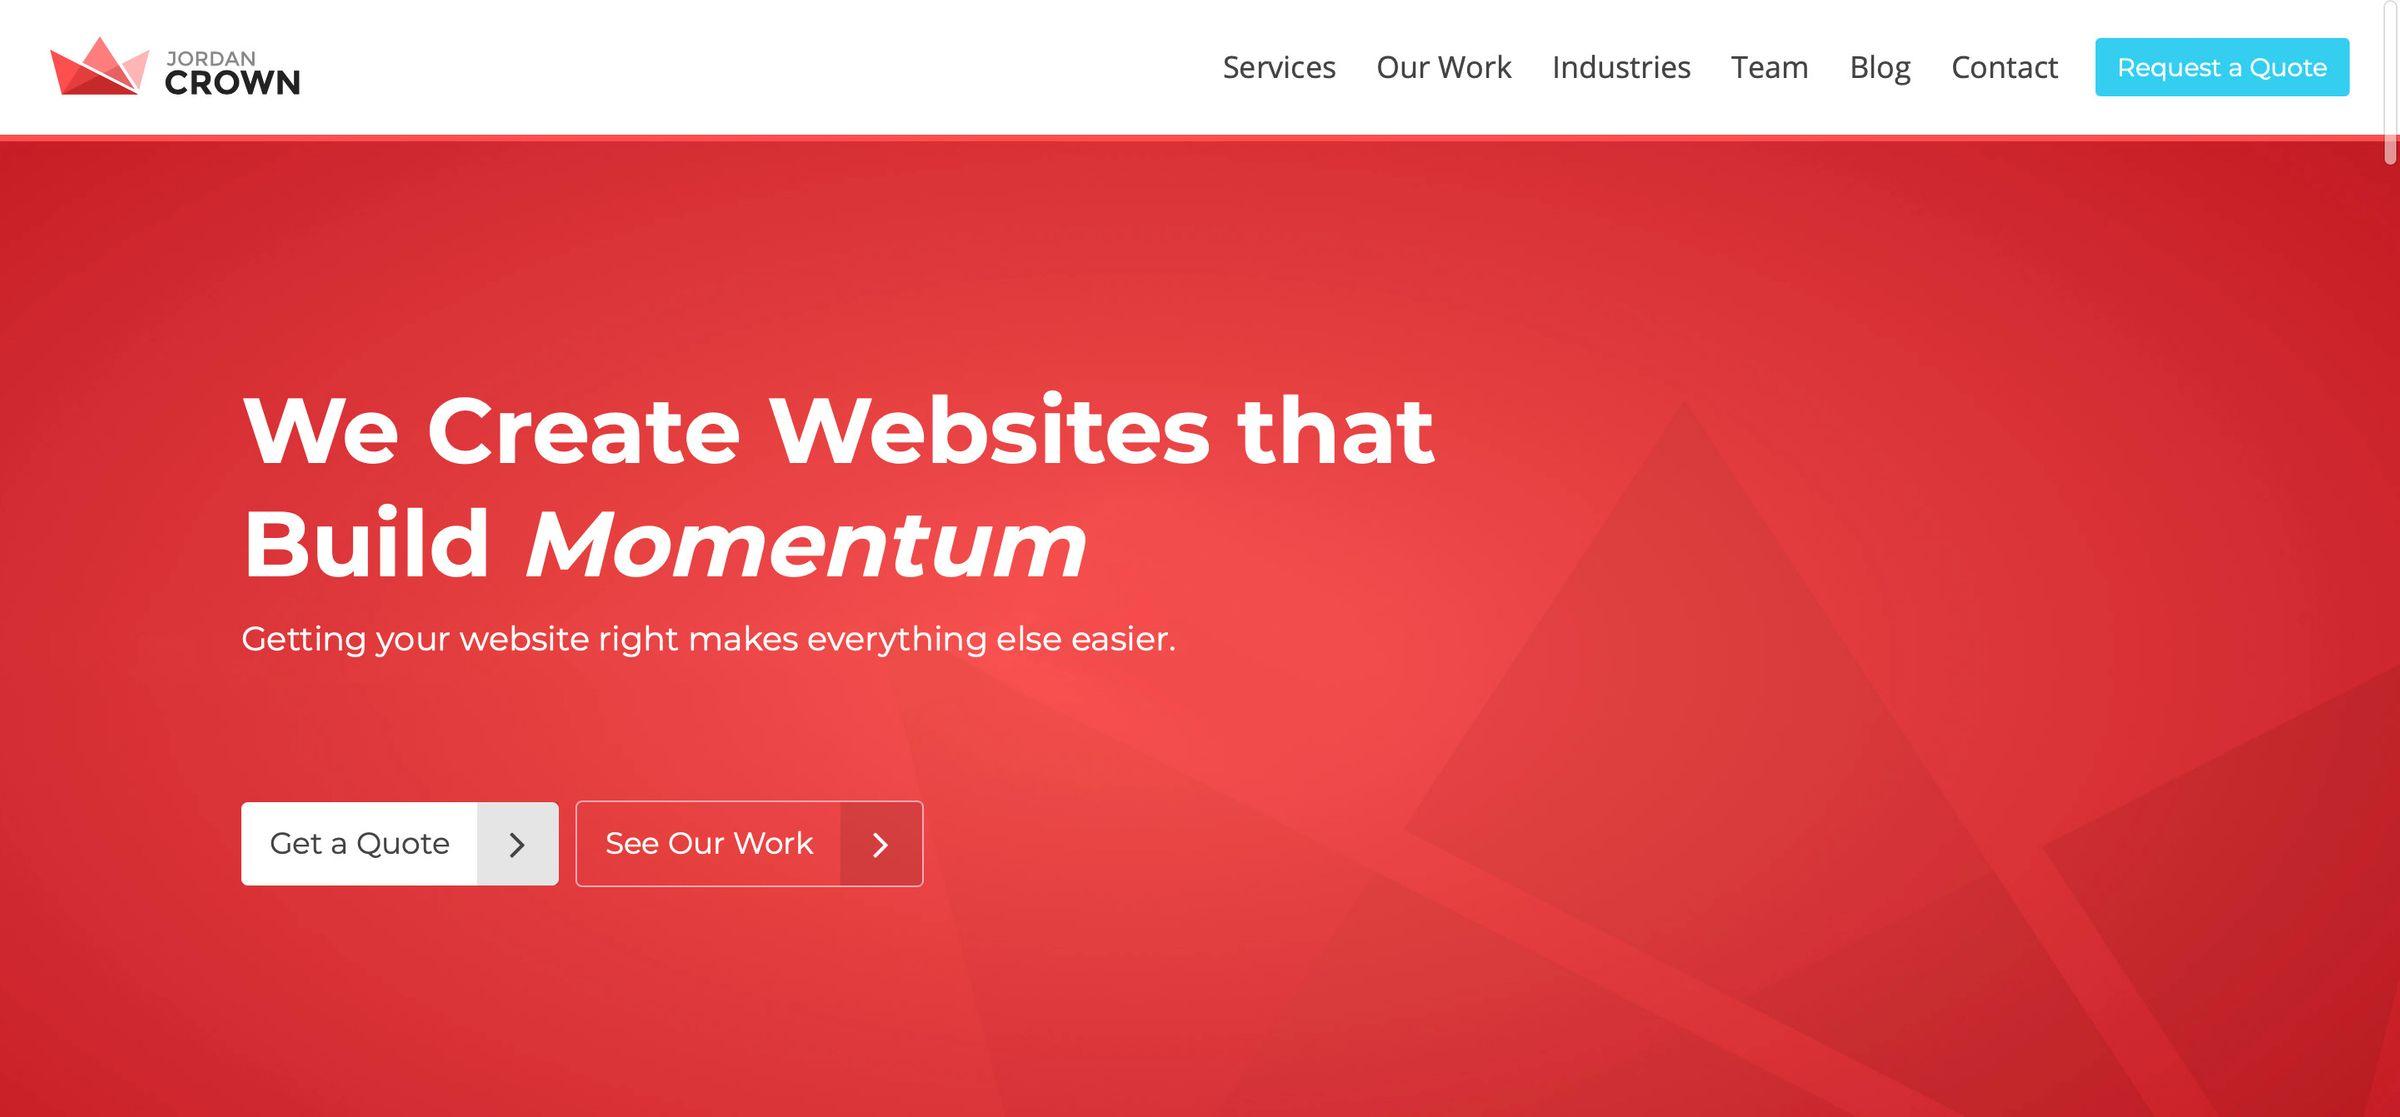 Jordan Crown Web Agency